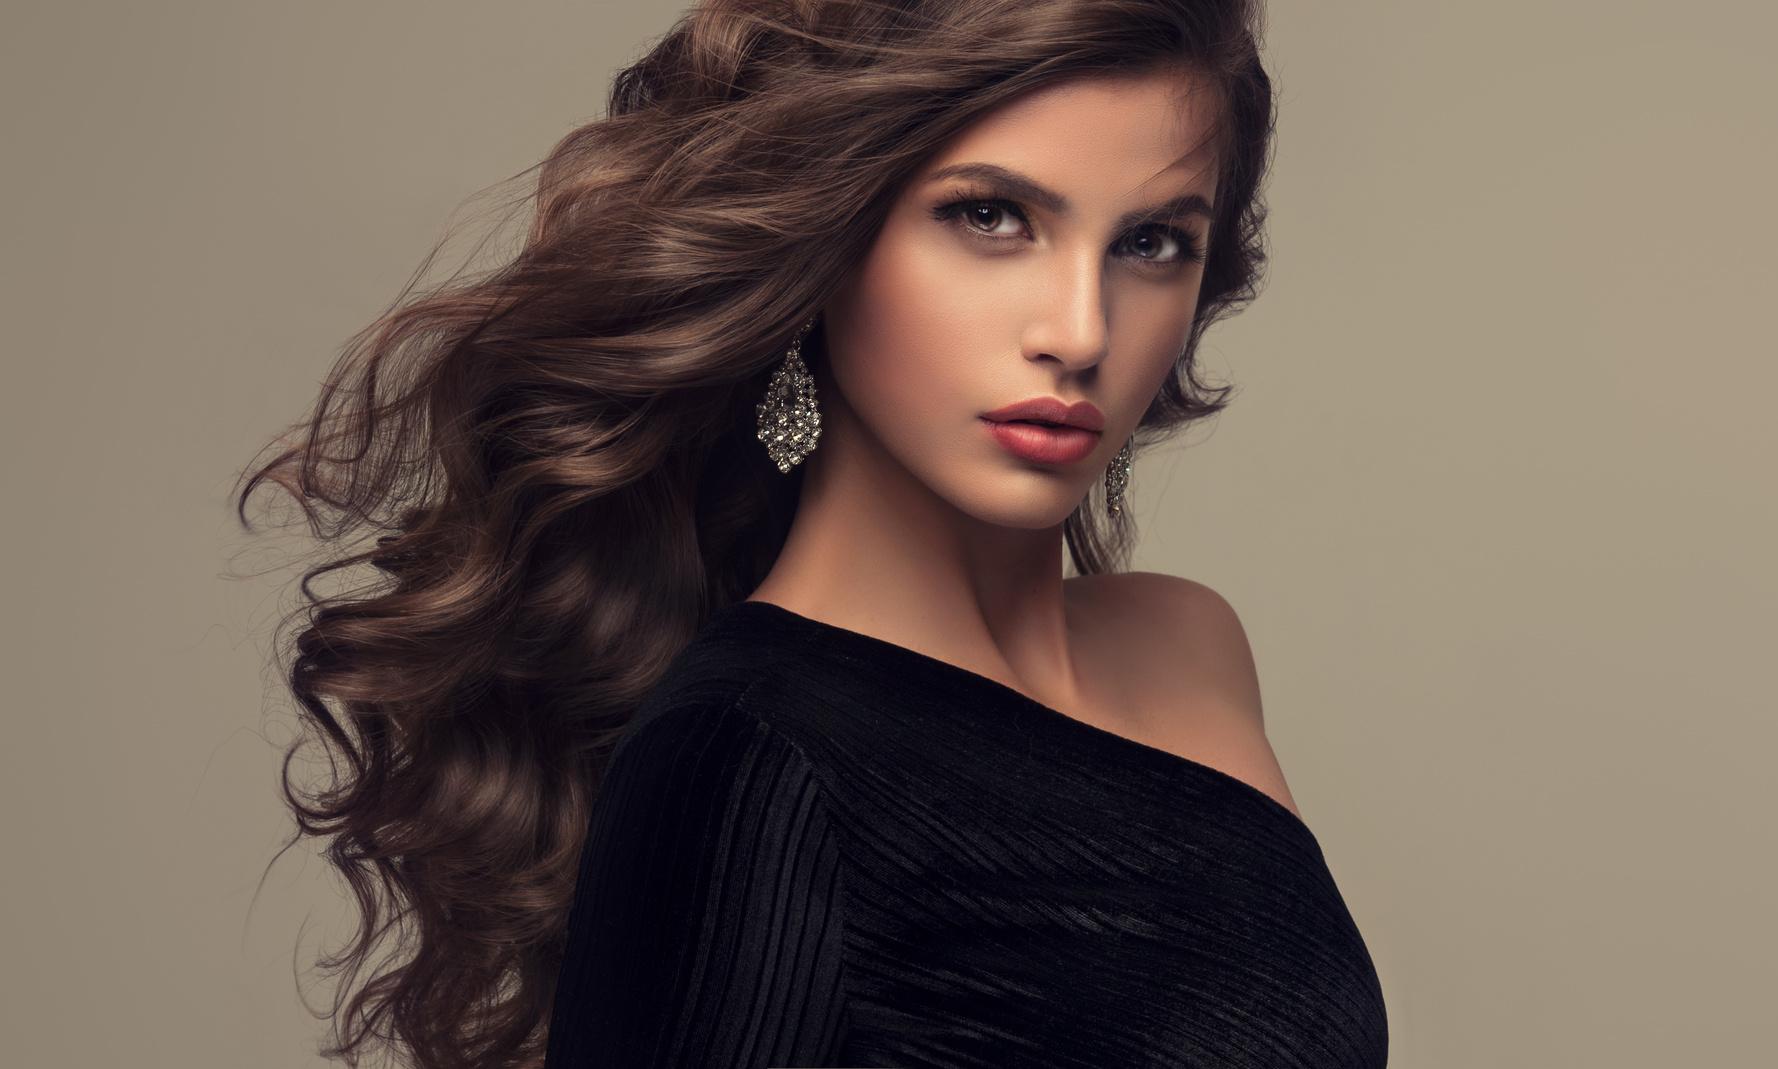 Sie kam als Flüchtling Nun ist sie erfolgreiches Model!